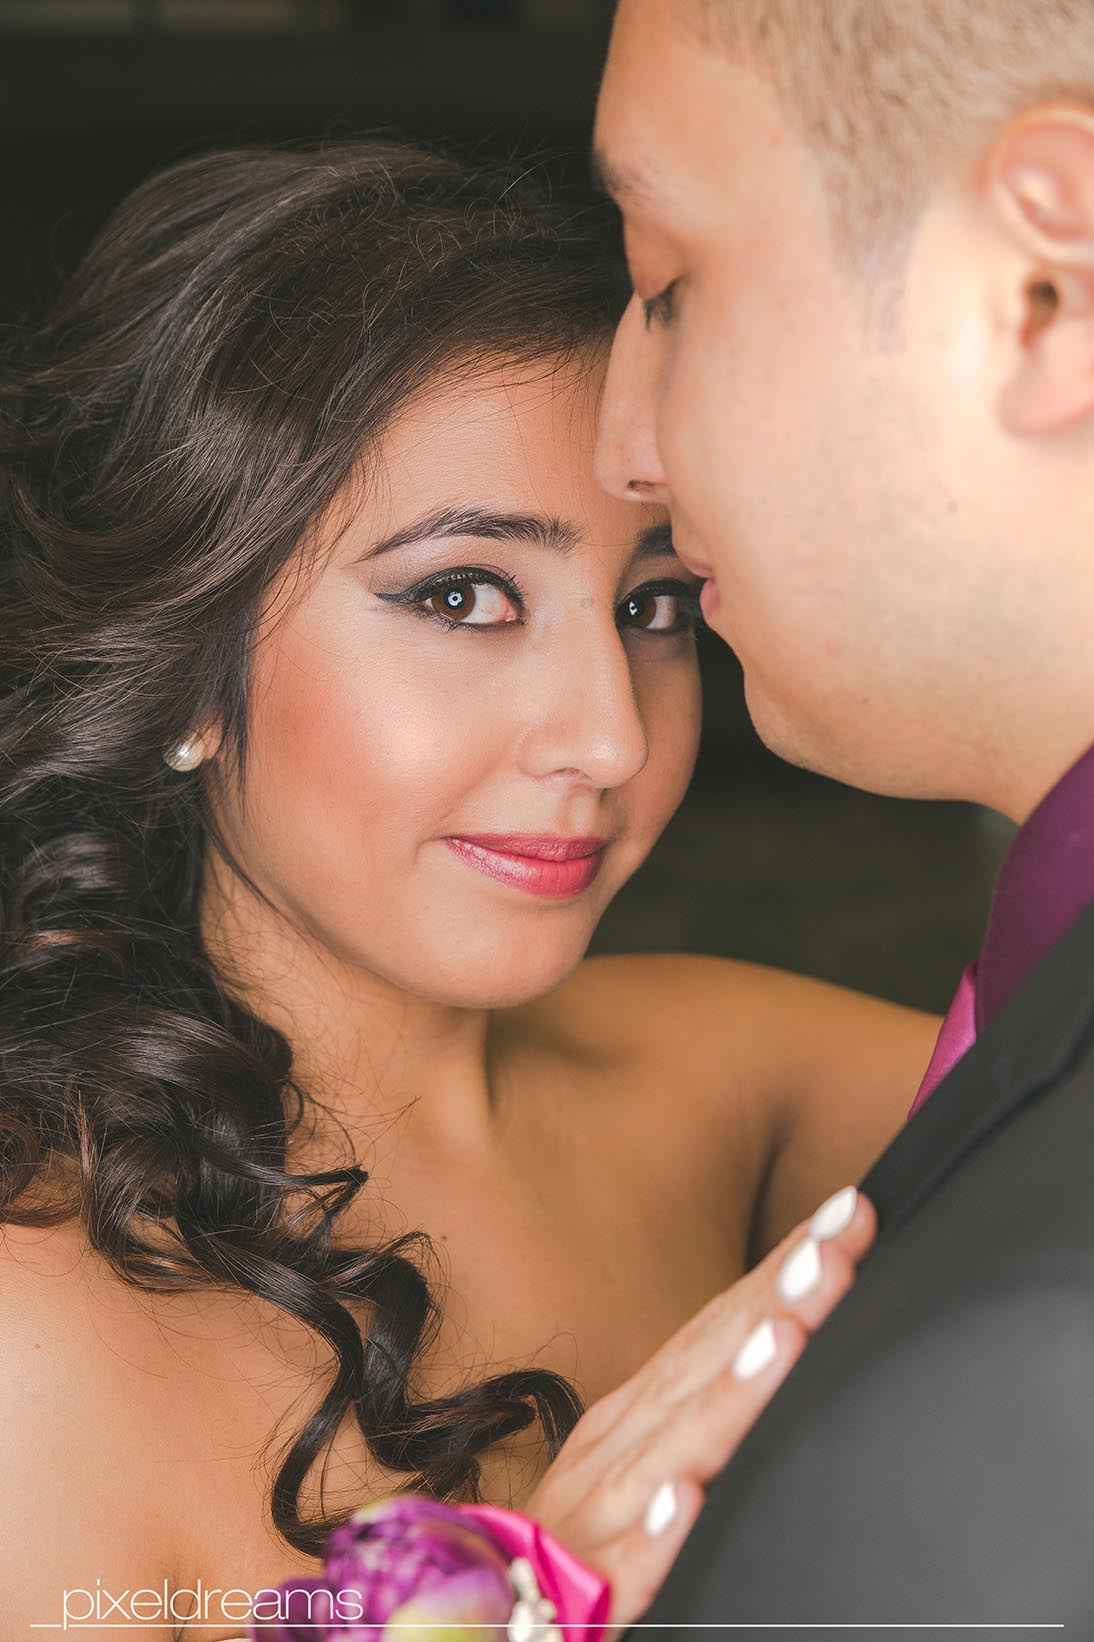 Hochzeitsfotoshooting - Braut seitliches Portrait-lächelt